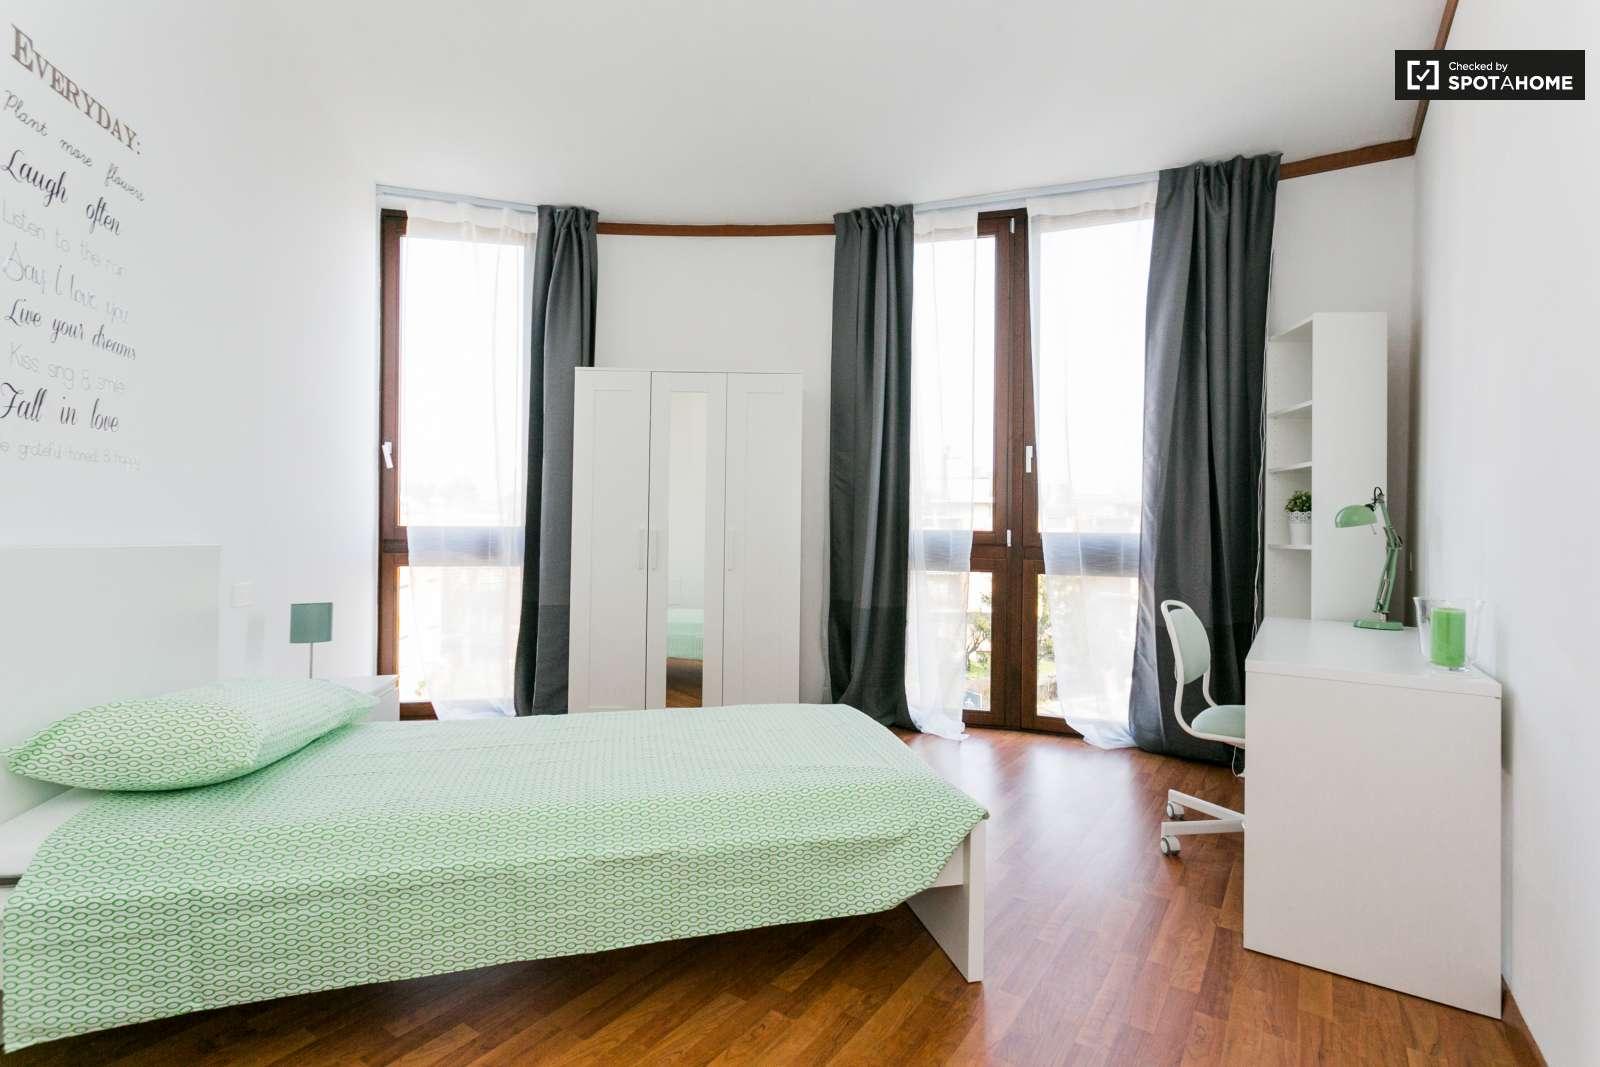 Camera arredata in appartamento con 6 camere da letto a San Siro ...